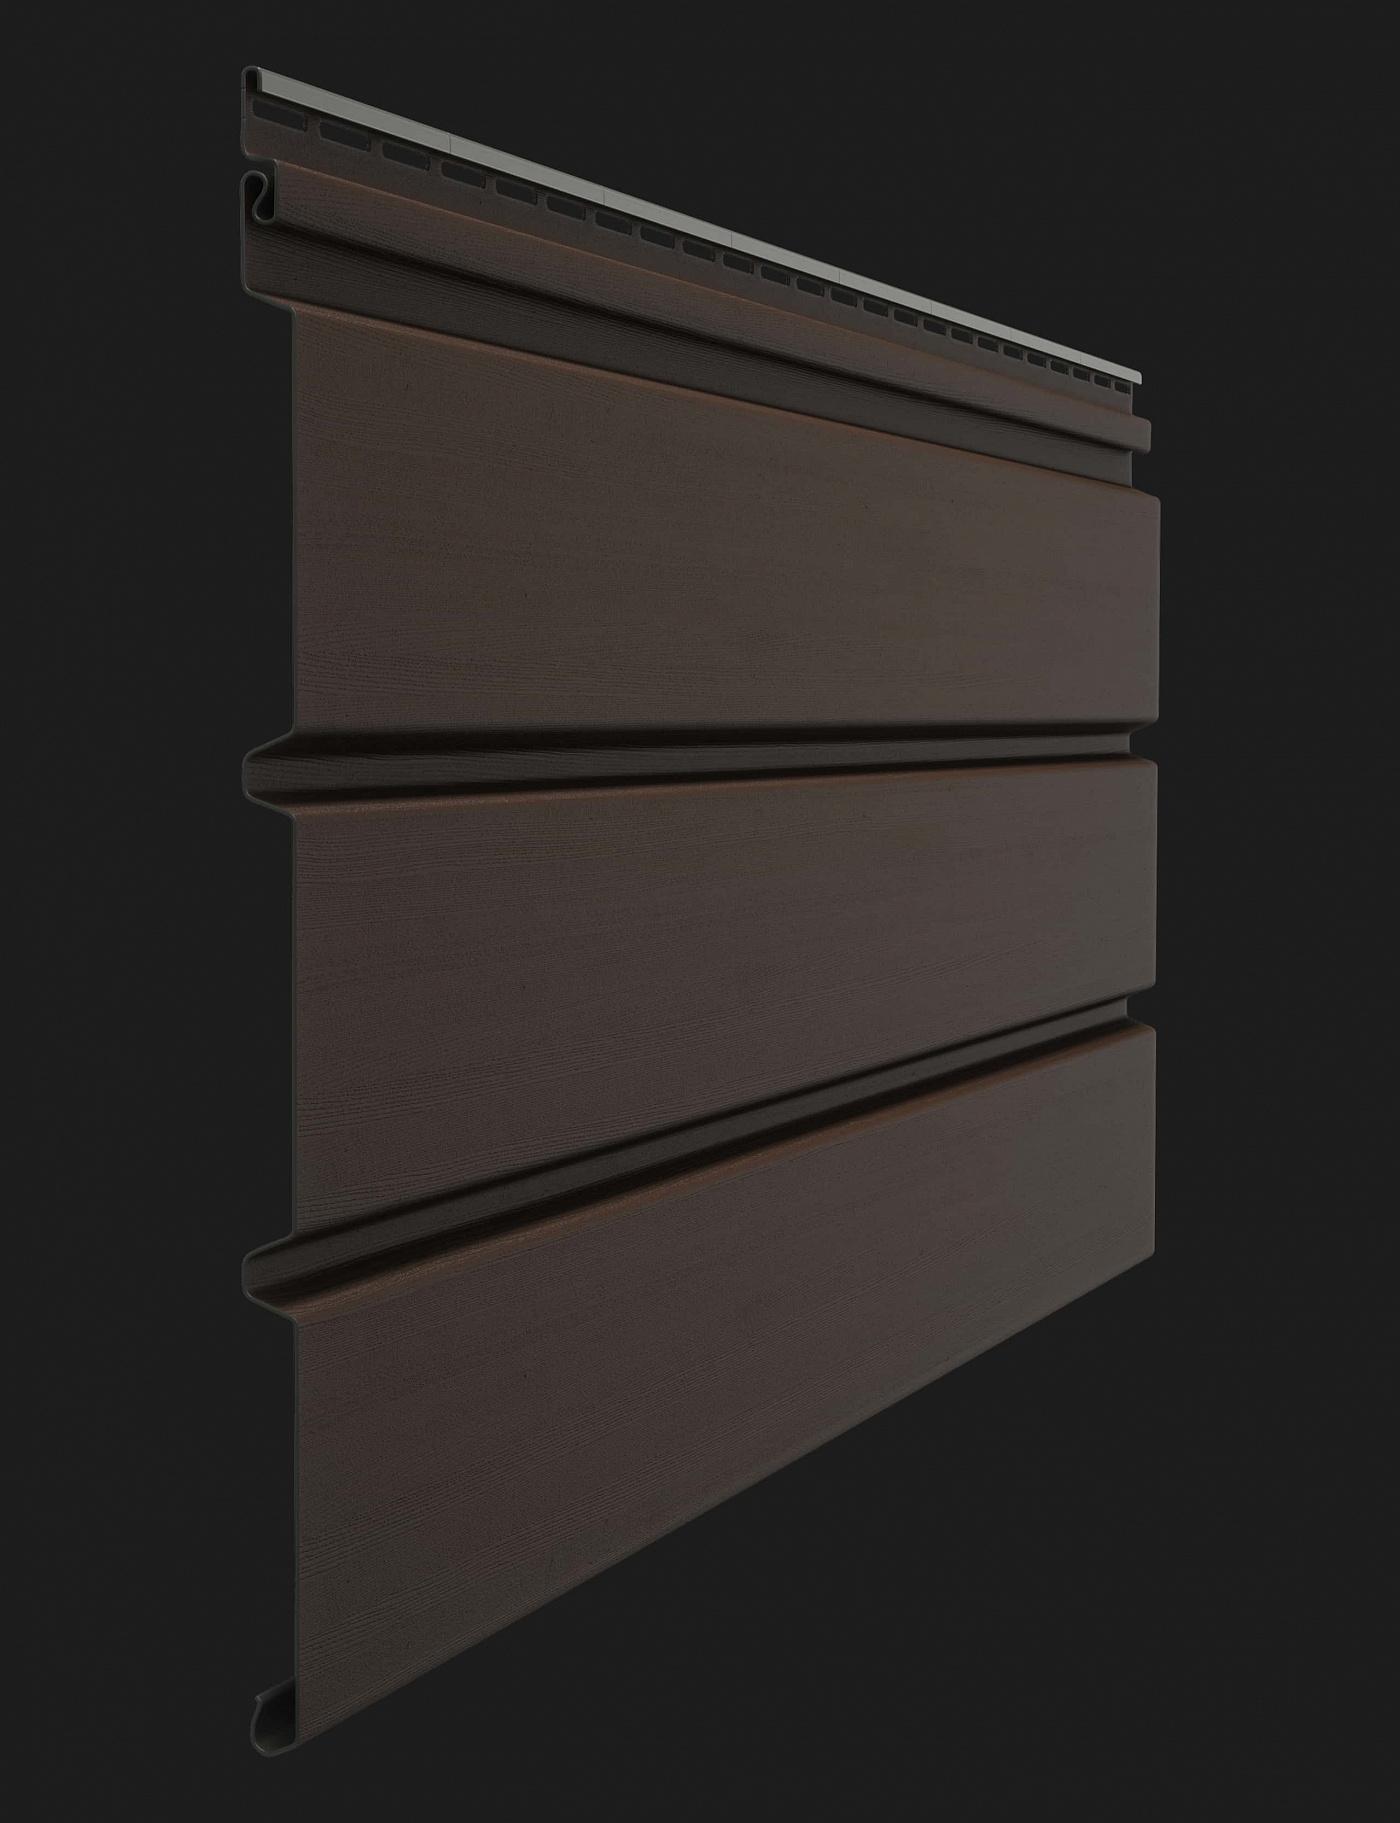 Софит виниловый Docke Premium T4 сплошной без перфорации 3000 мм Шоколад